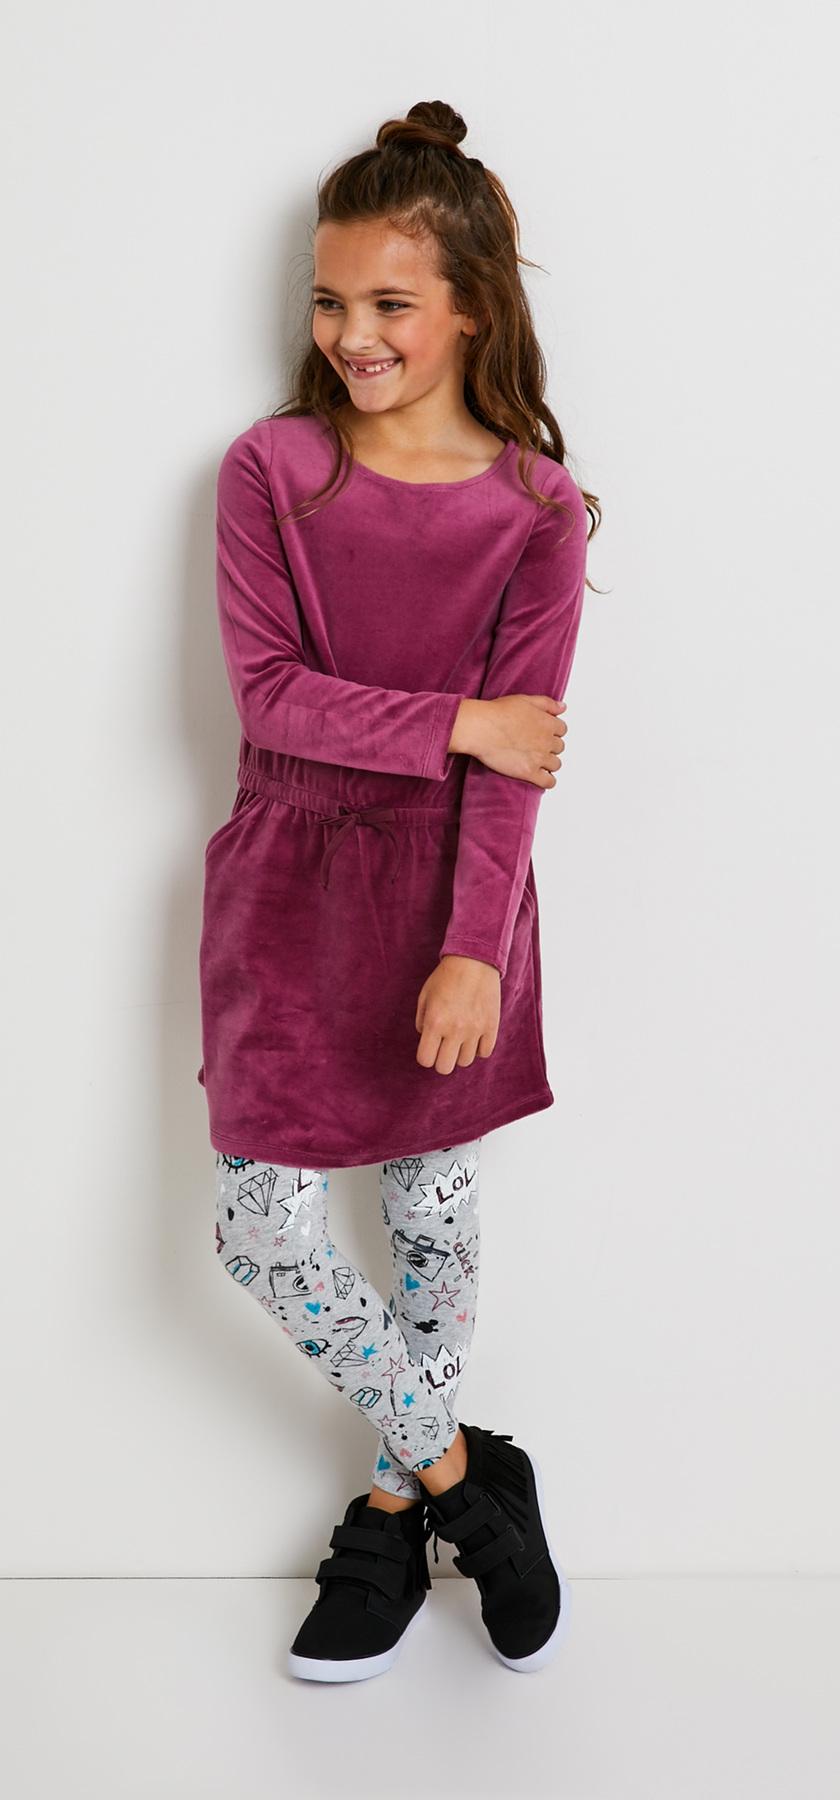 a9b9a641d5 Velour Sweatshirt Dress Outfit - FabKids